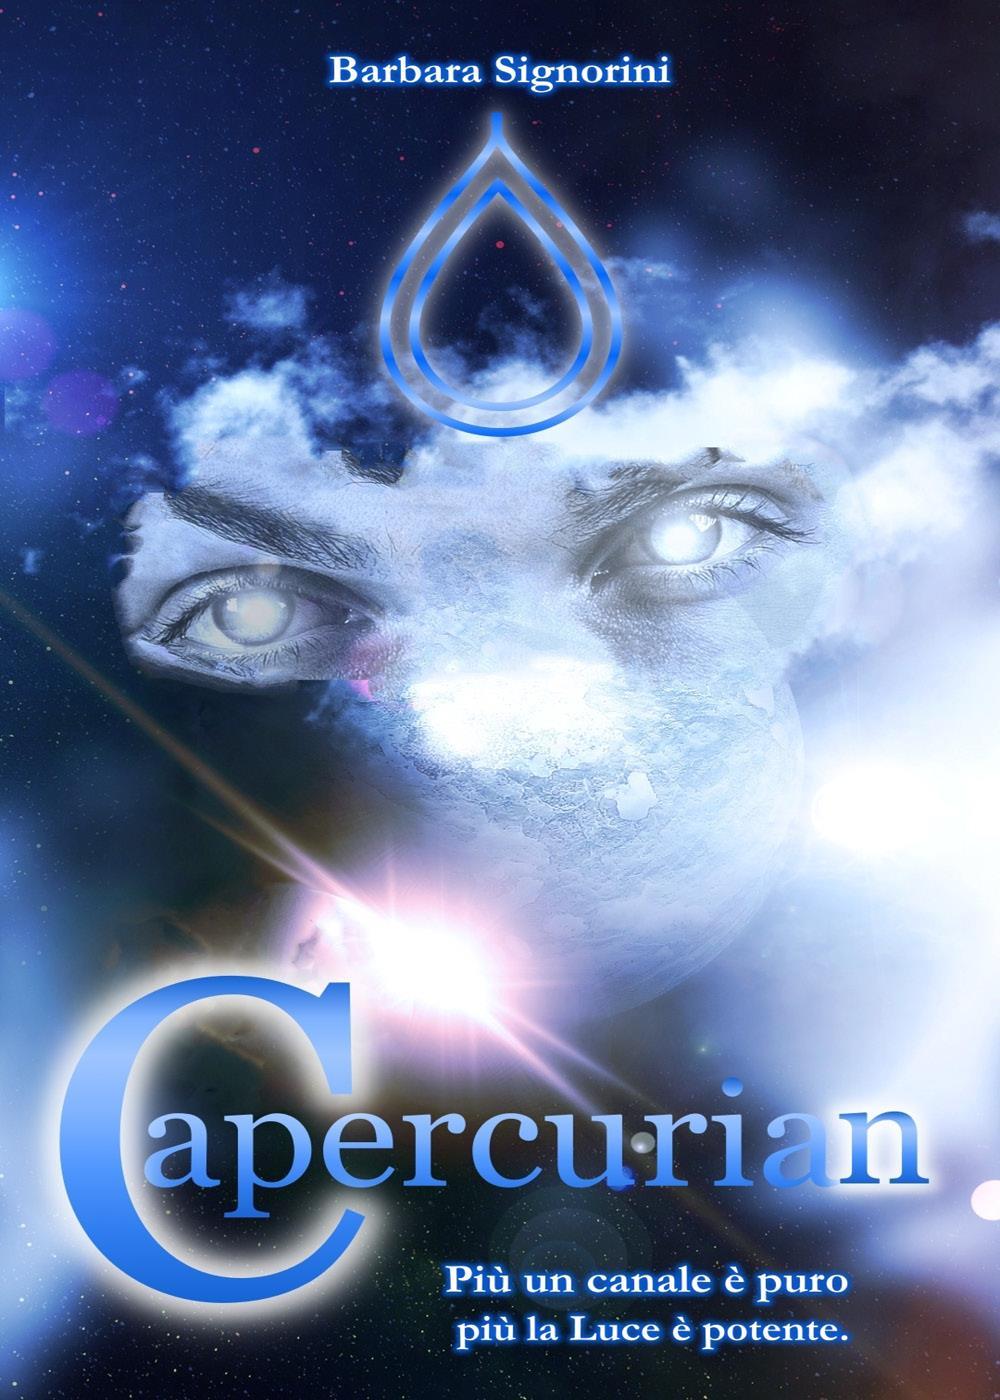 Capercurian